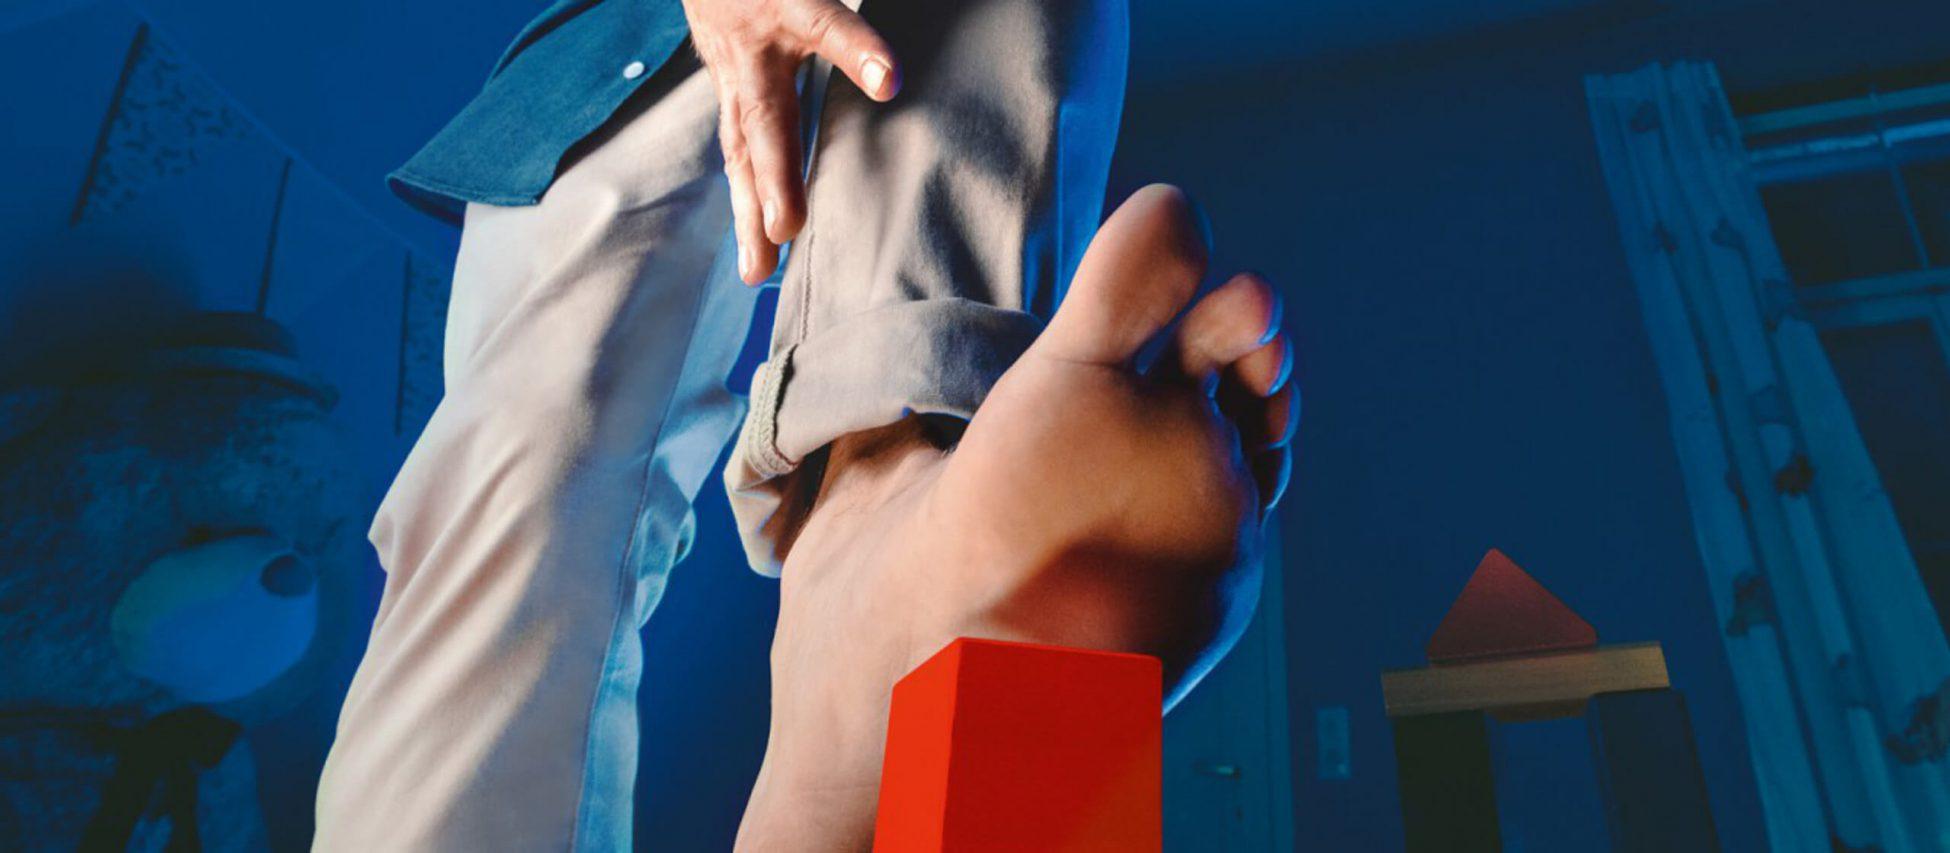 Headerbild zum Thema Masern. Ein nackter Fuß tritt auf ein Spielzeug.